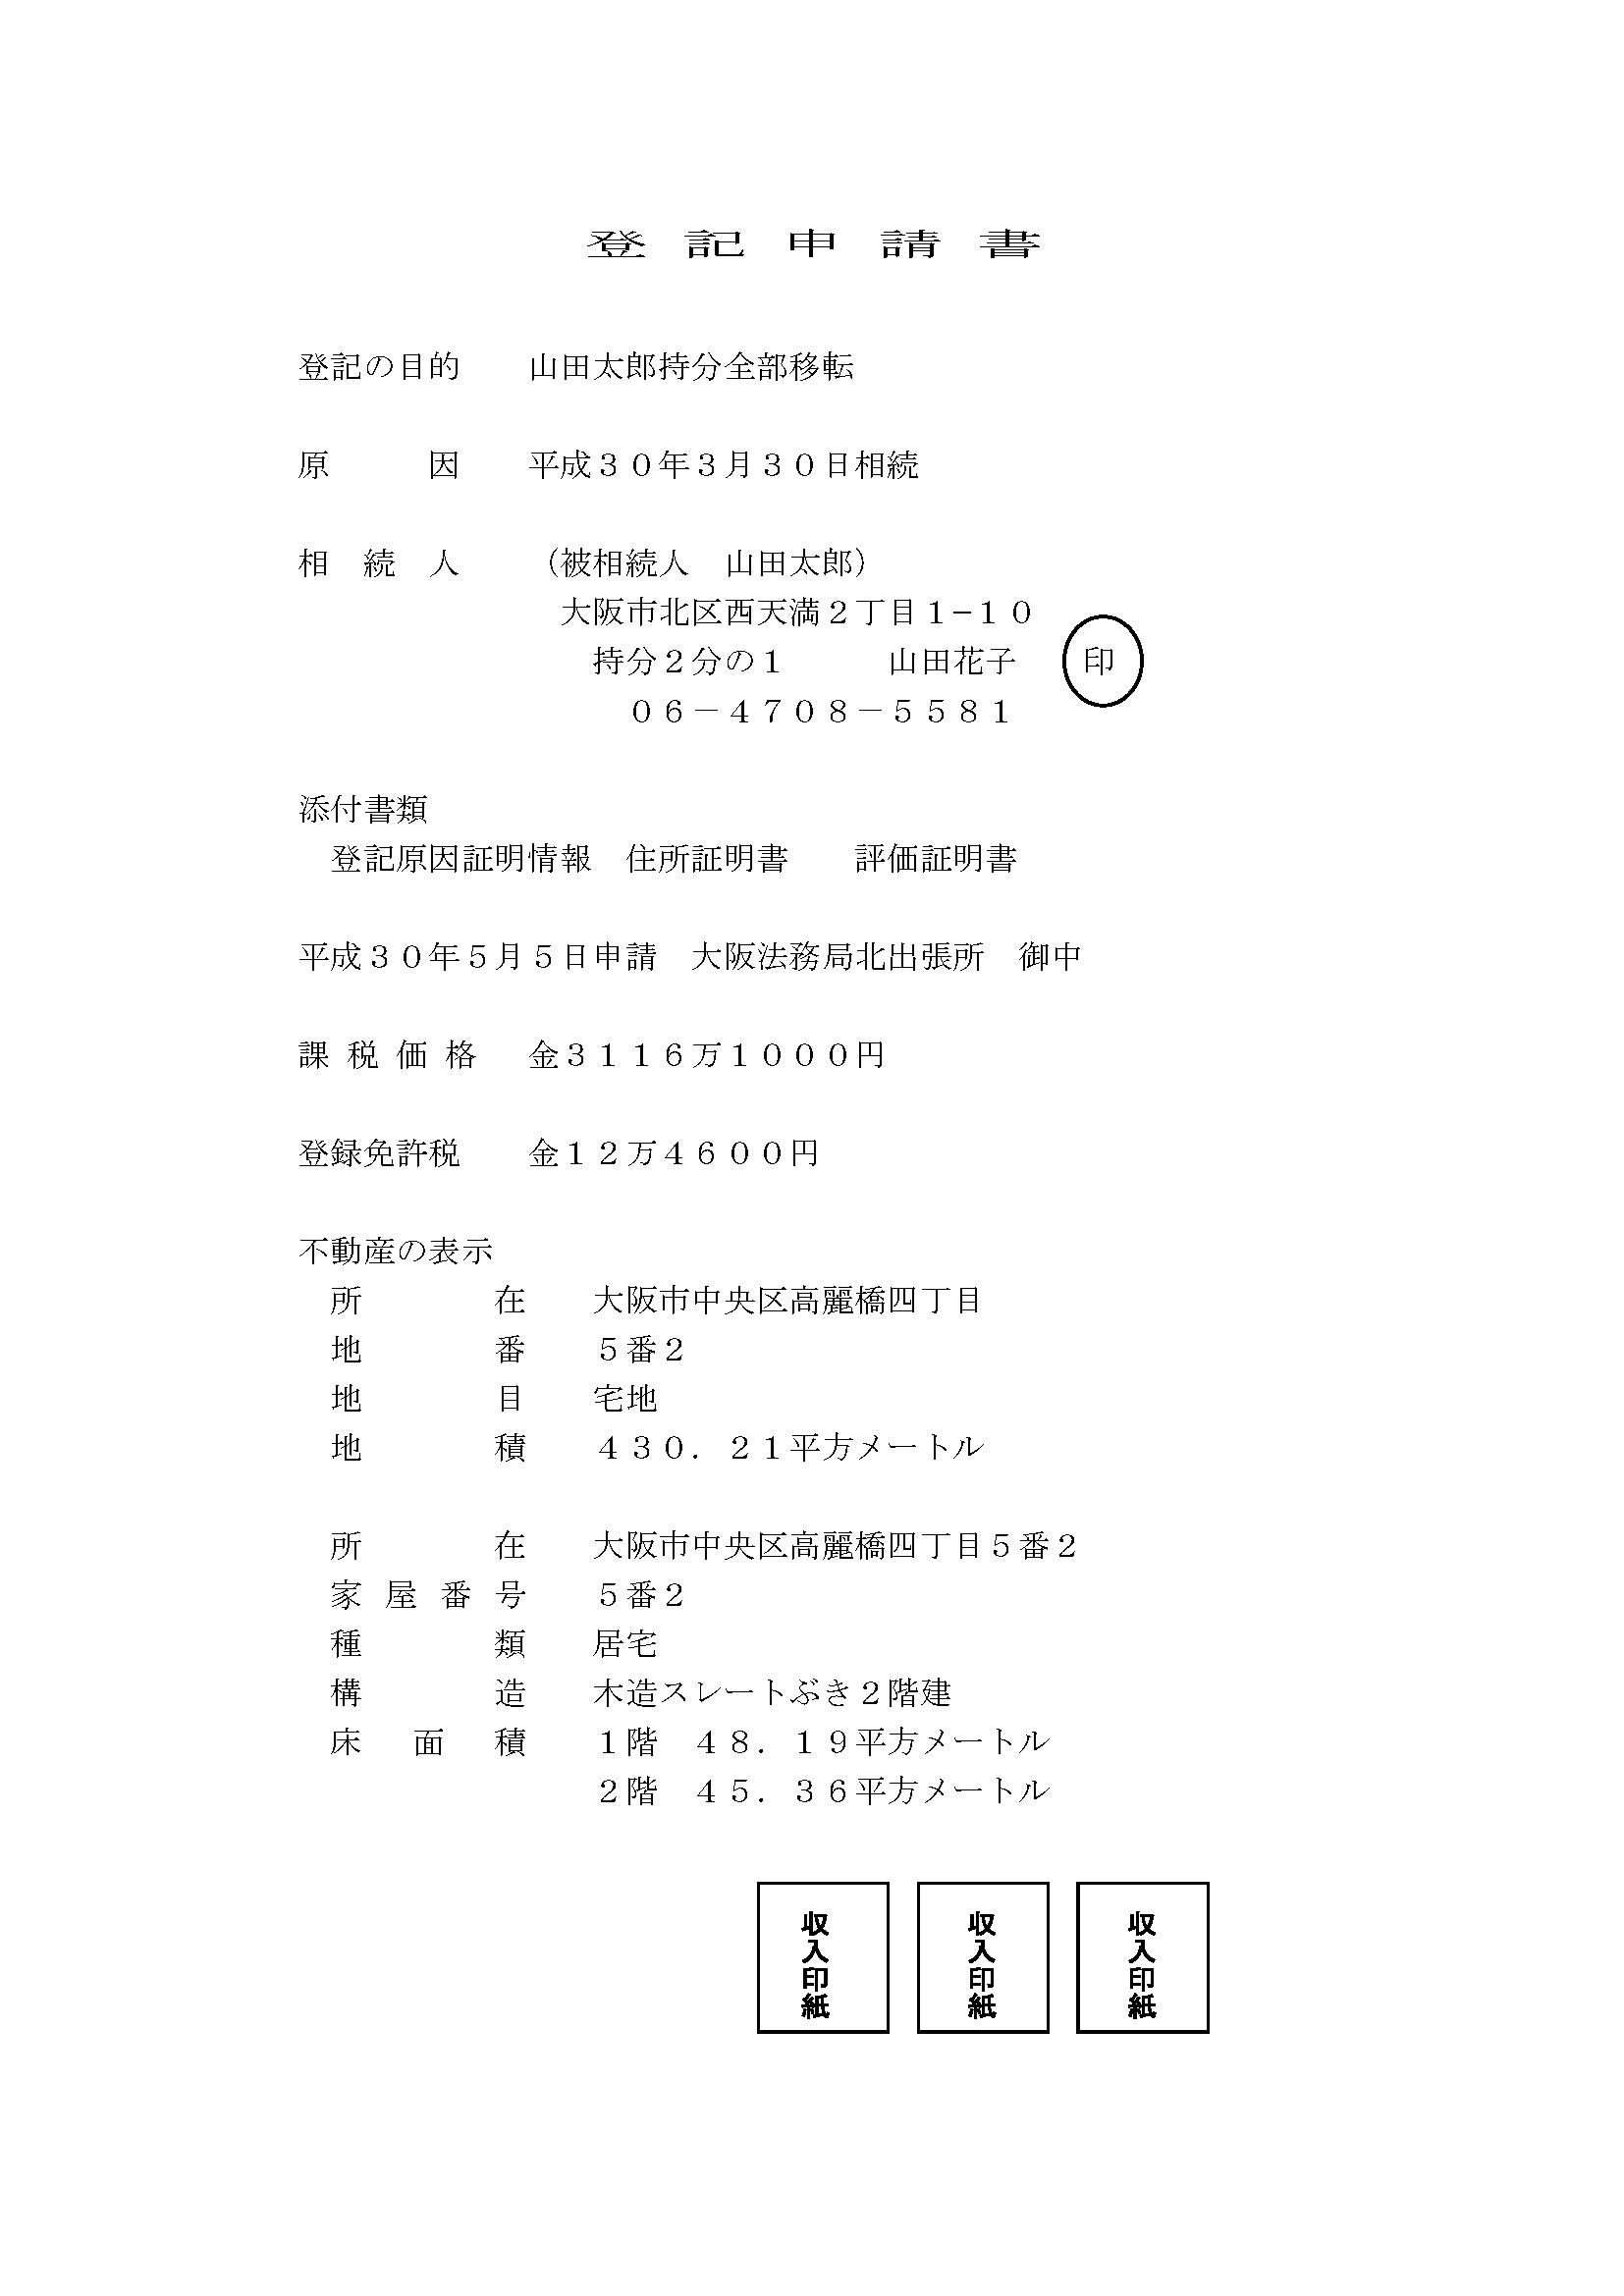 不動産 登記 申請 マニュアル